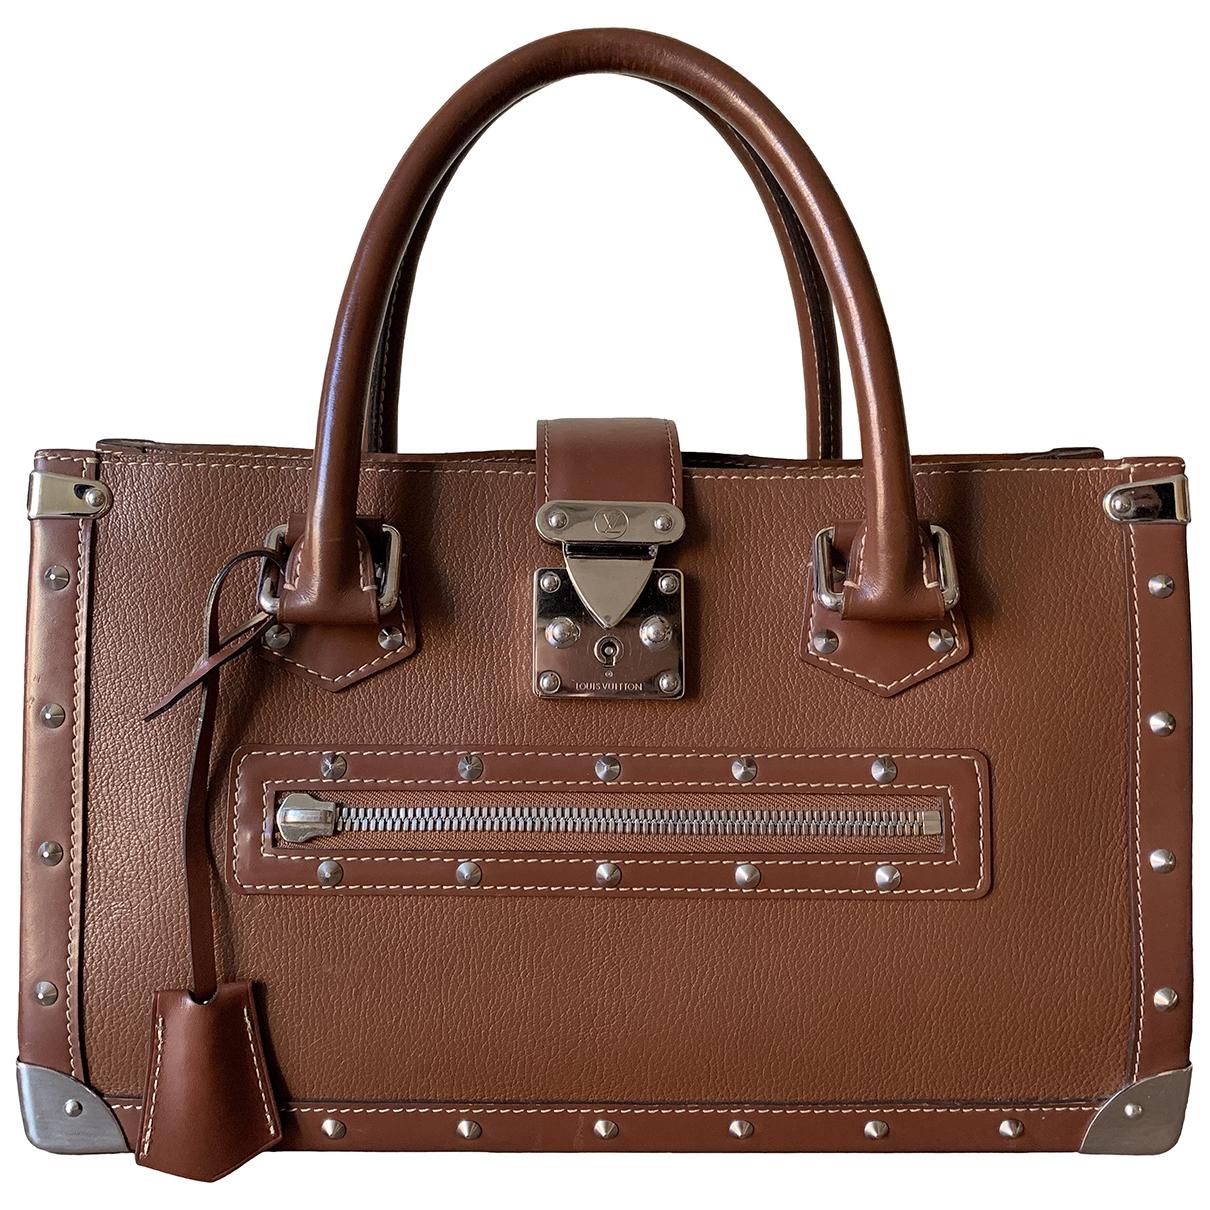 Louis Vuitton - Sac a main Le Fabuleux pour femme en cuir - marron